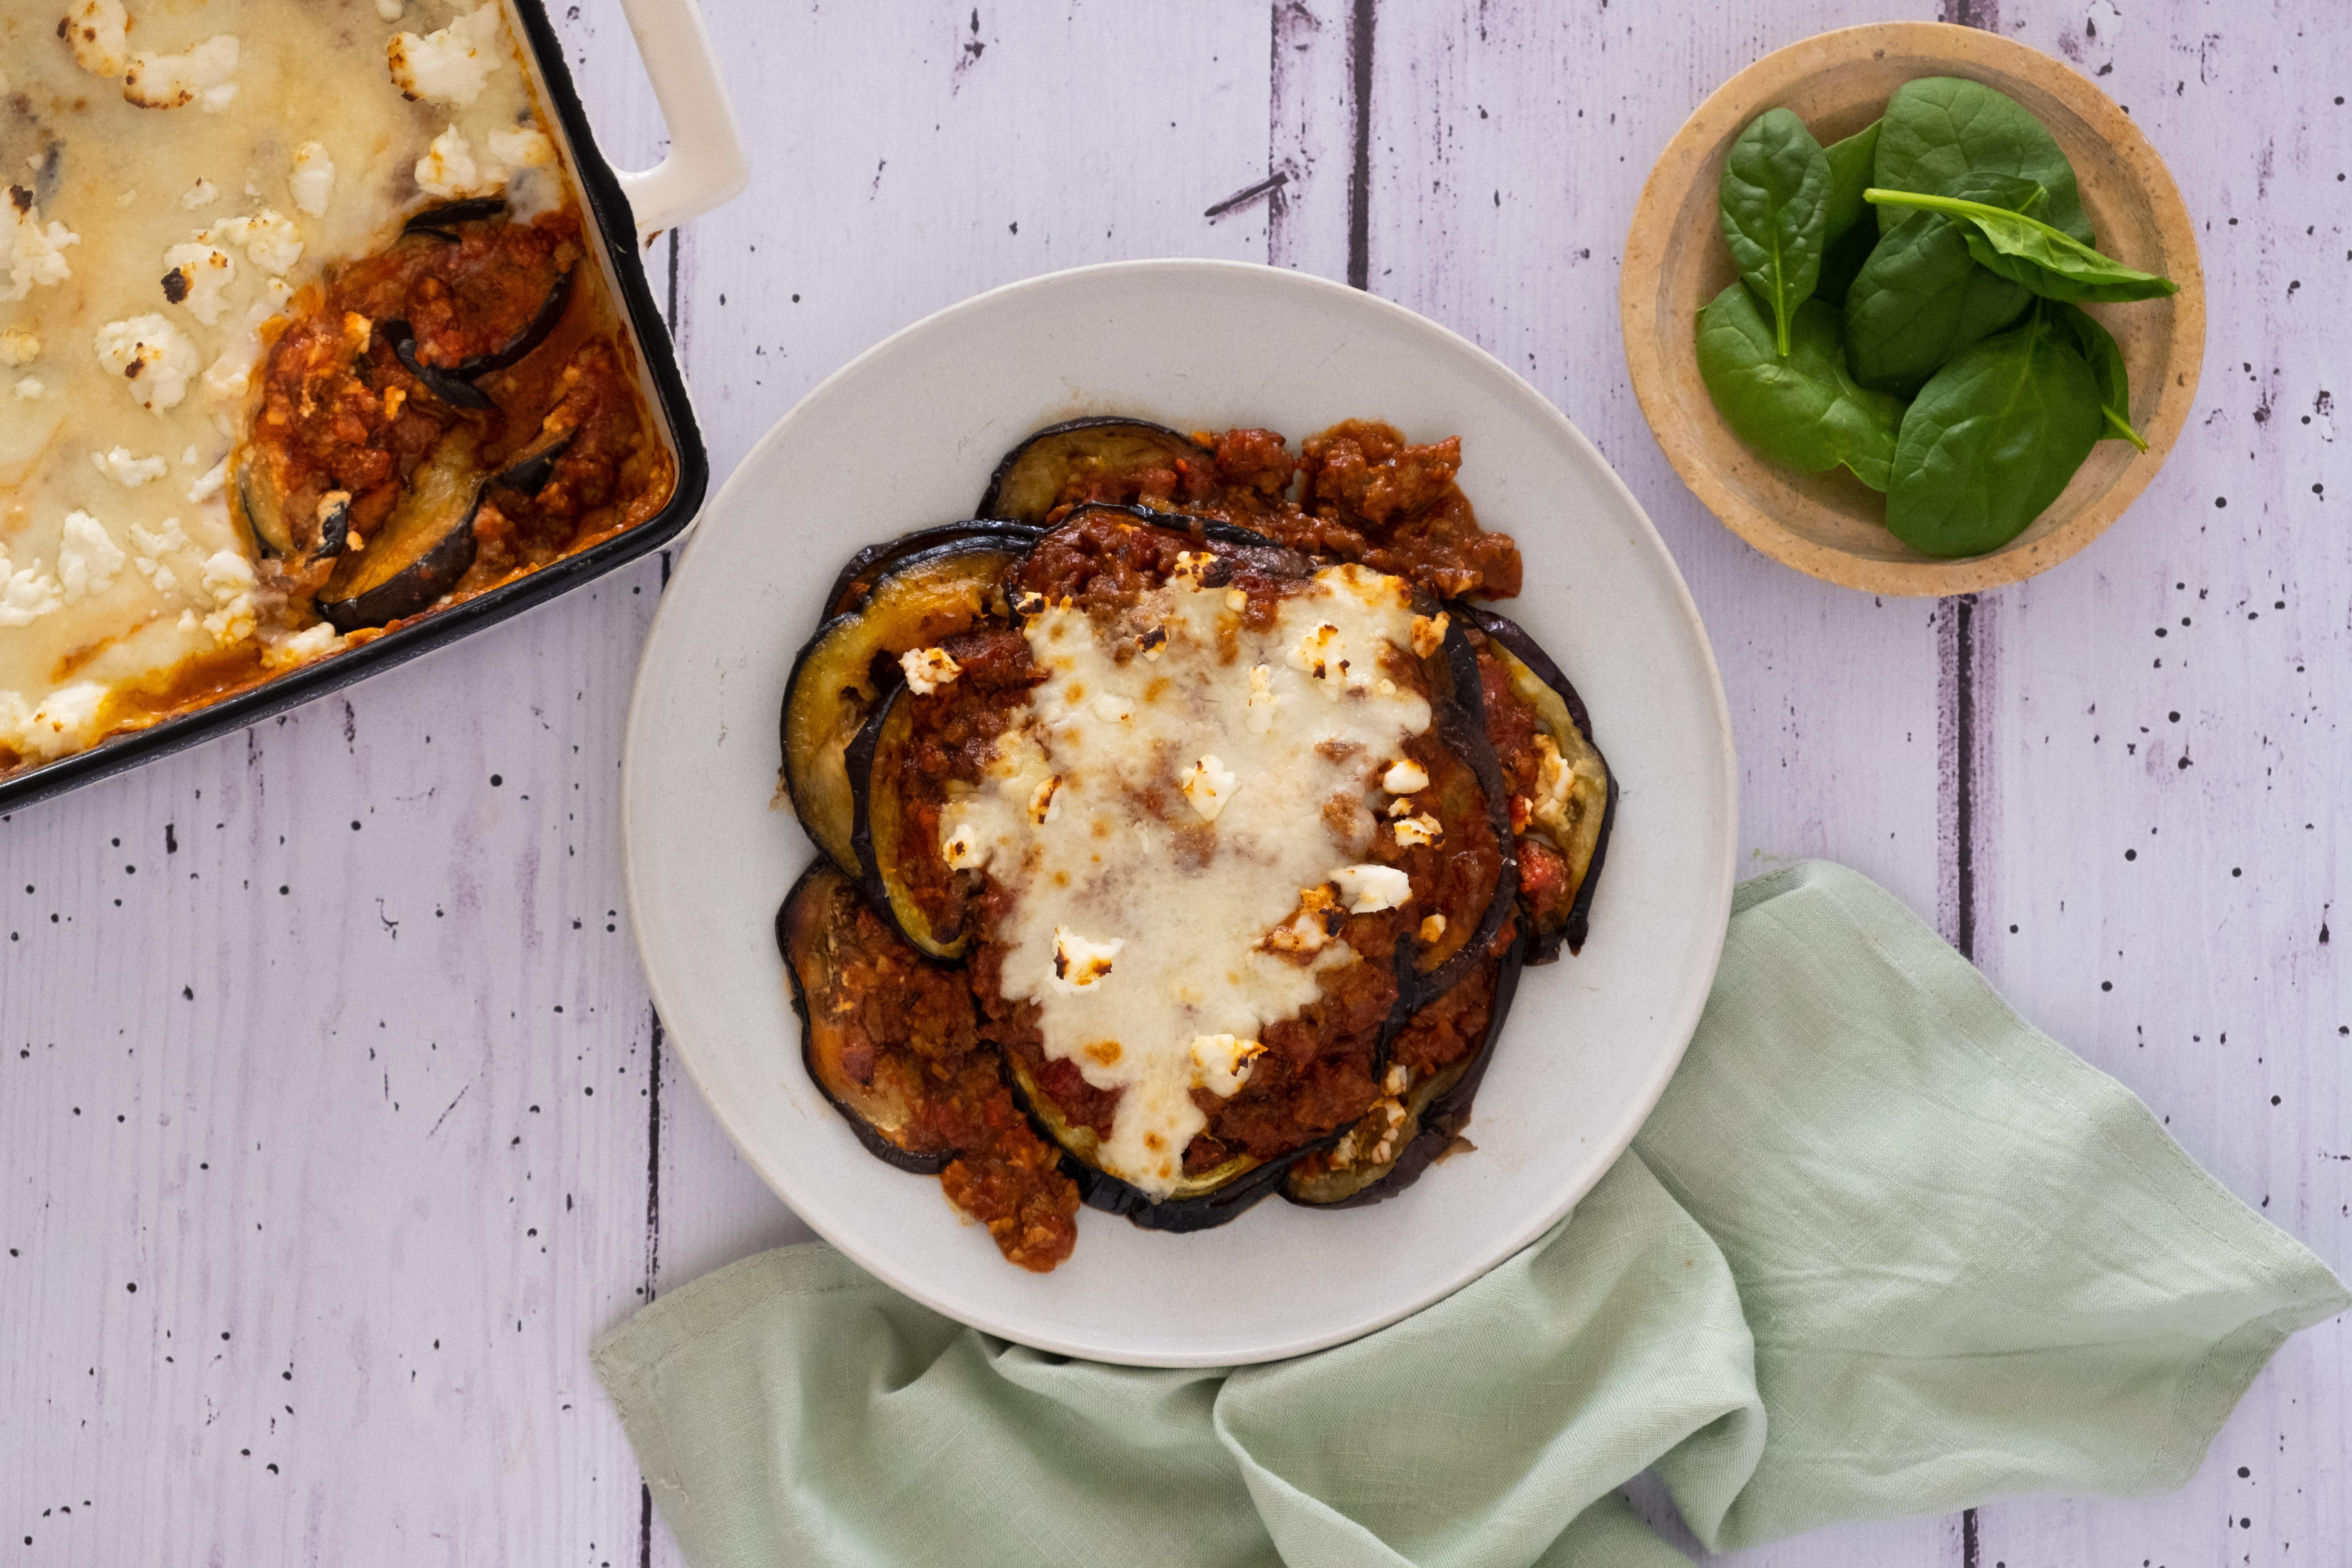 Greek Beef and Eggplant Pastitsio